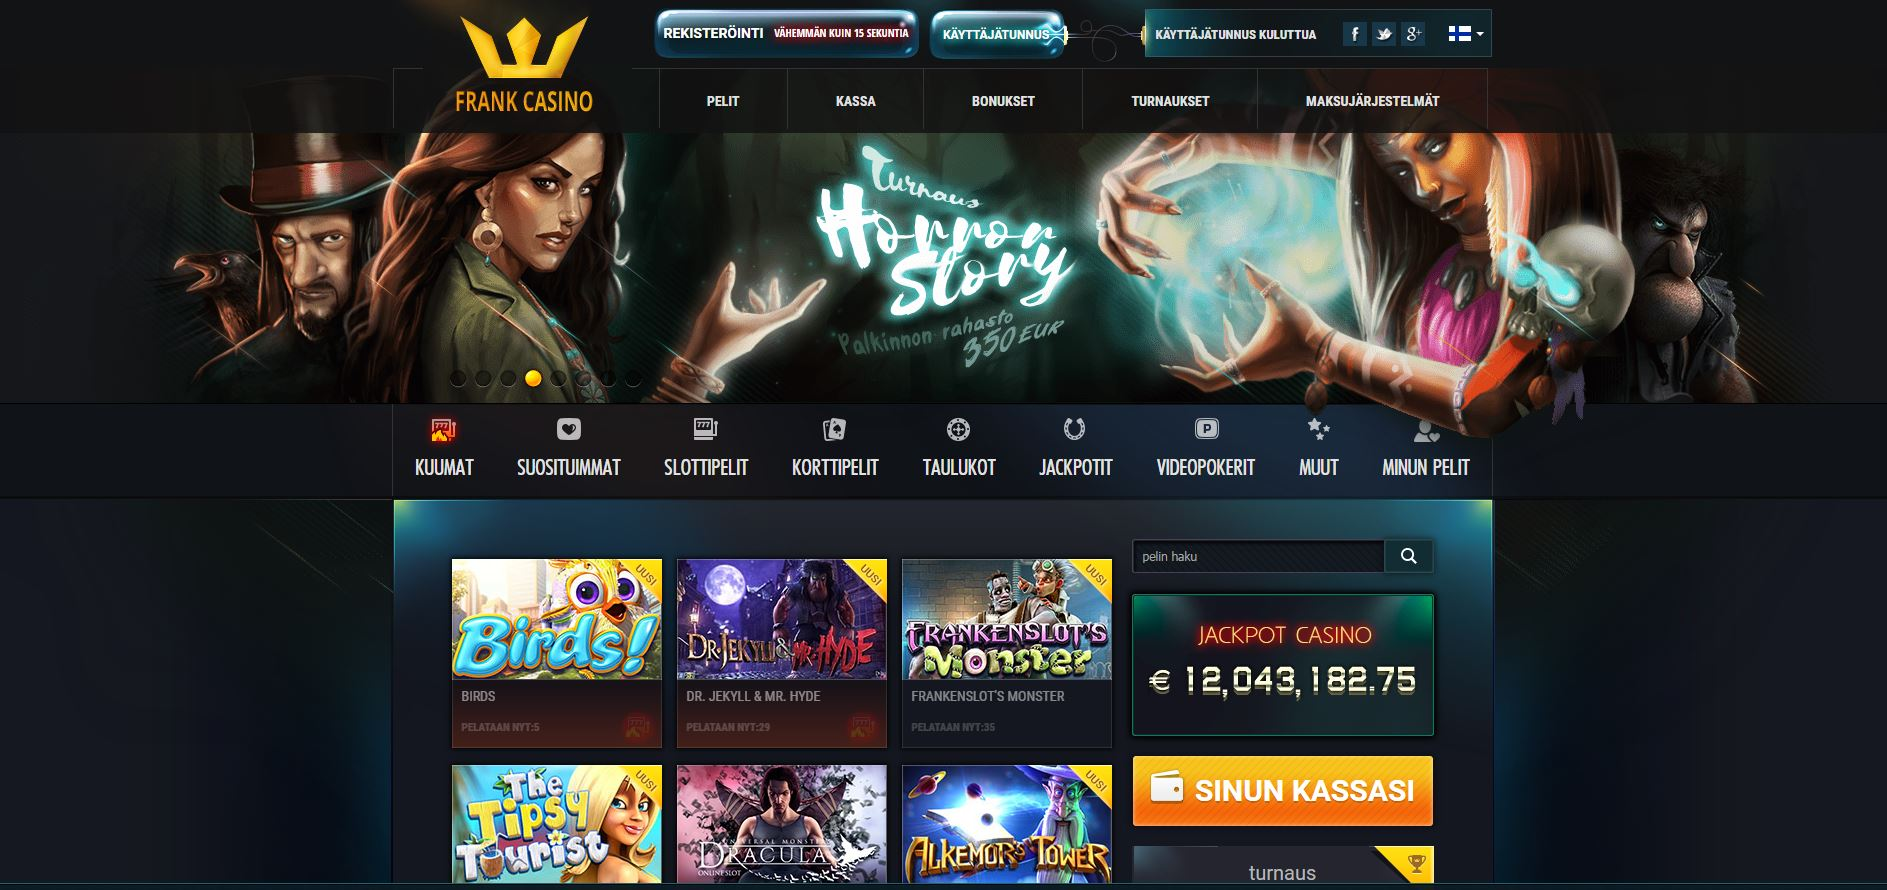 официальный сайт франк казино мобильная версия